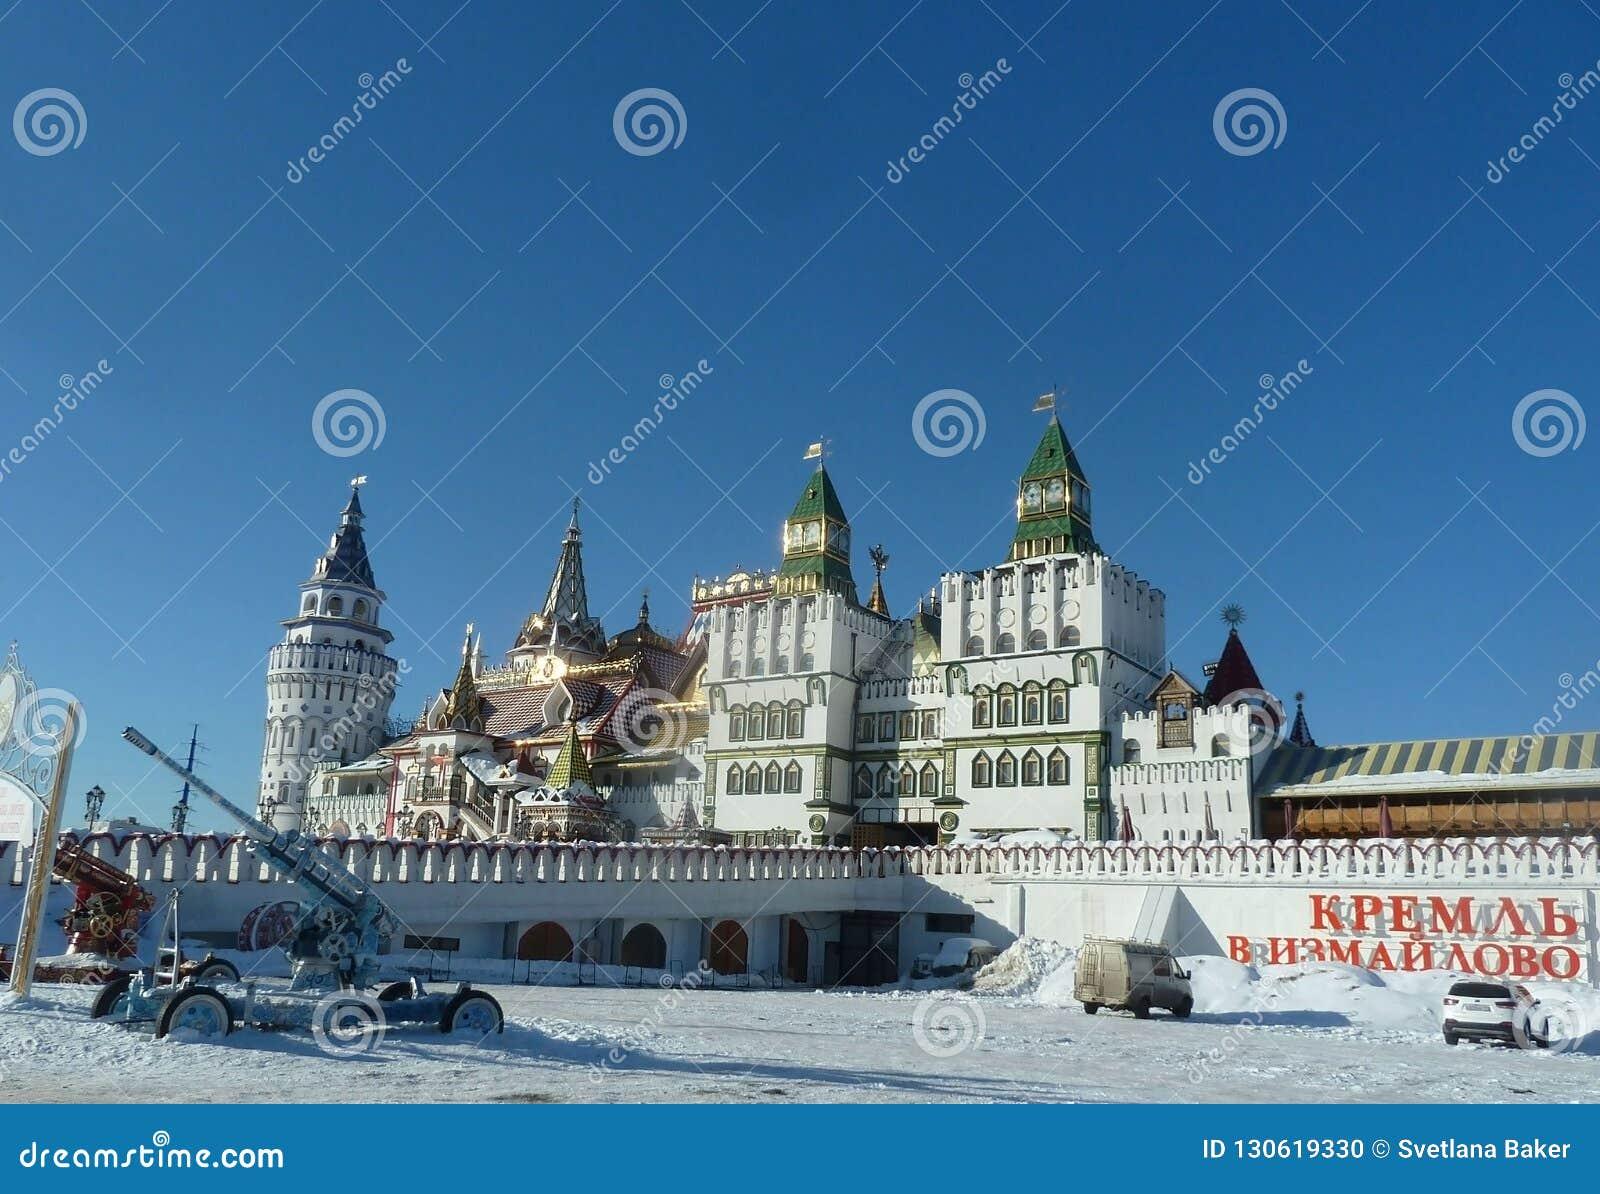 Torres do Kremlin de Izmaylovo em Moscou, Rússia, inverno